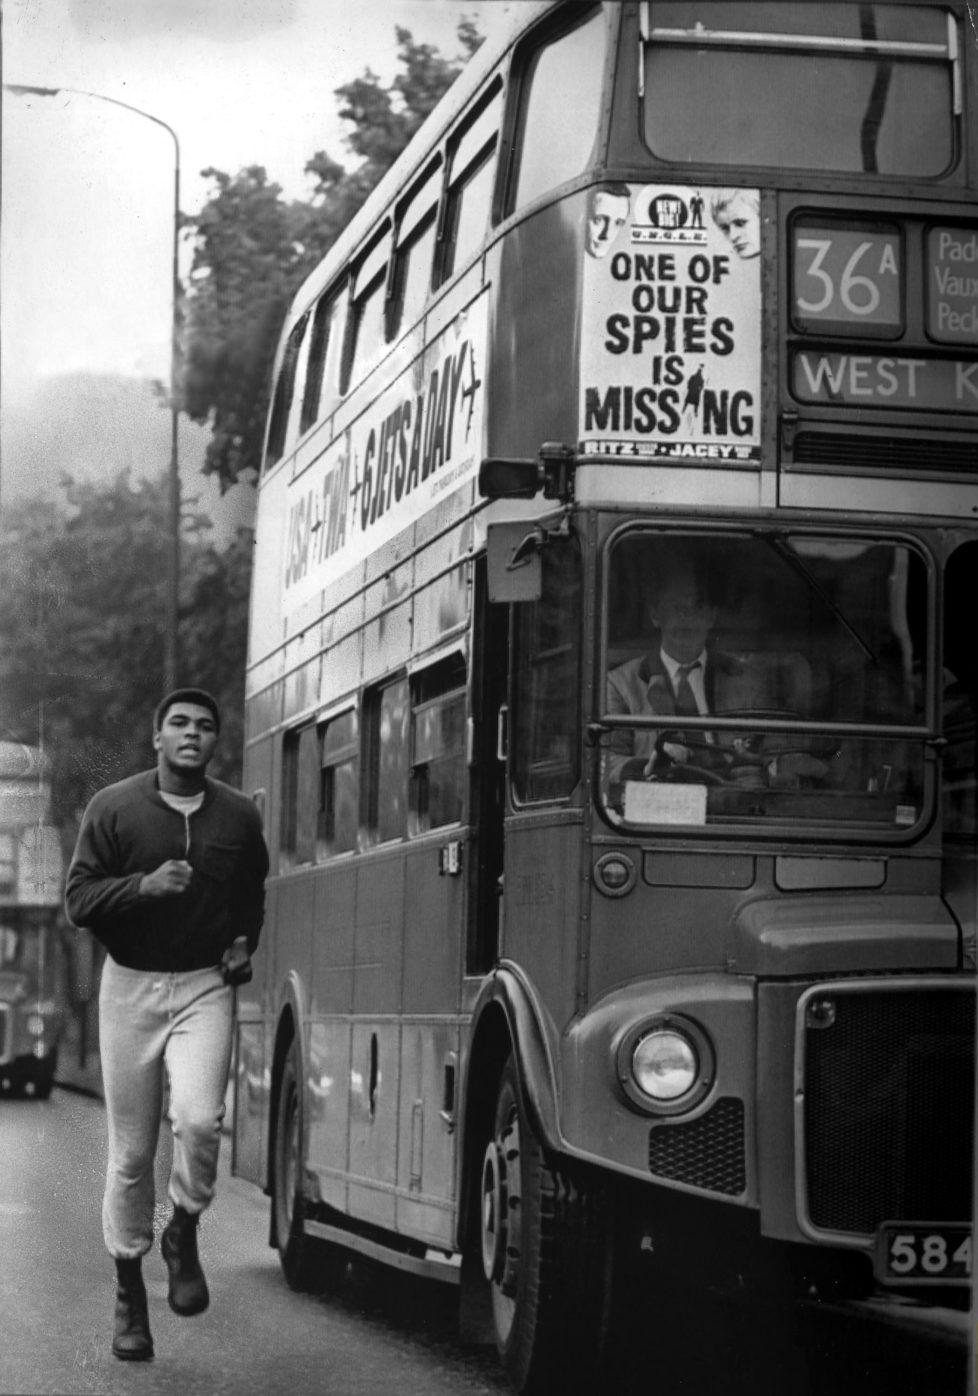 *17.01.1942- Sportler, Boxer, USA Trainingslauf in London, läuft neben einem Londoner Doppeldeckerbus - 1966